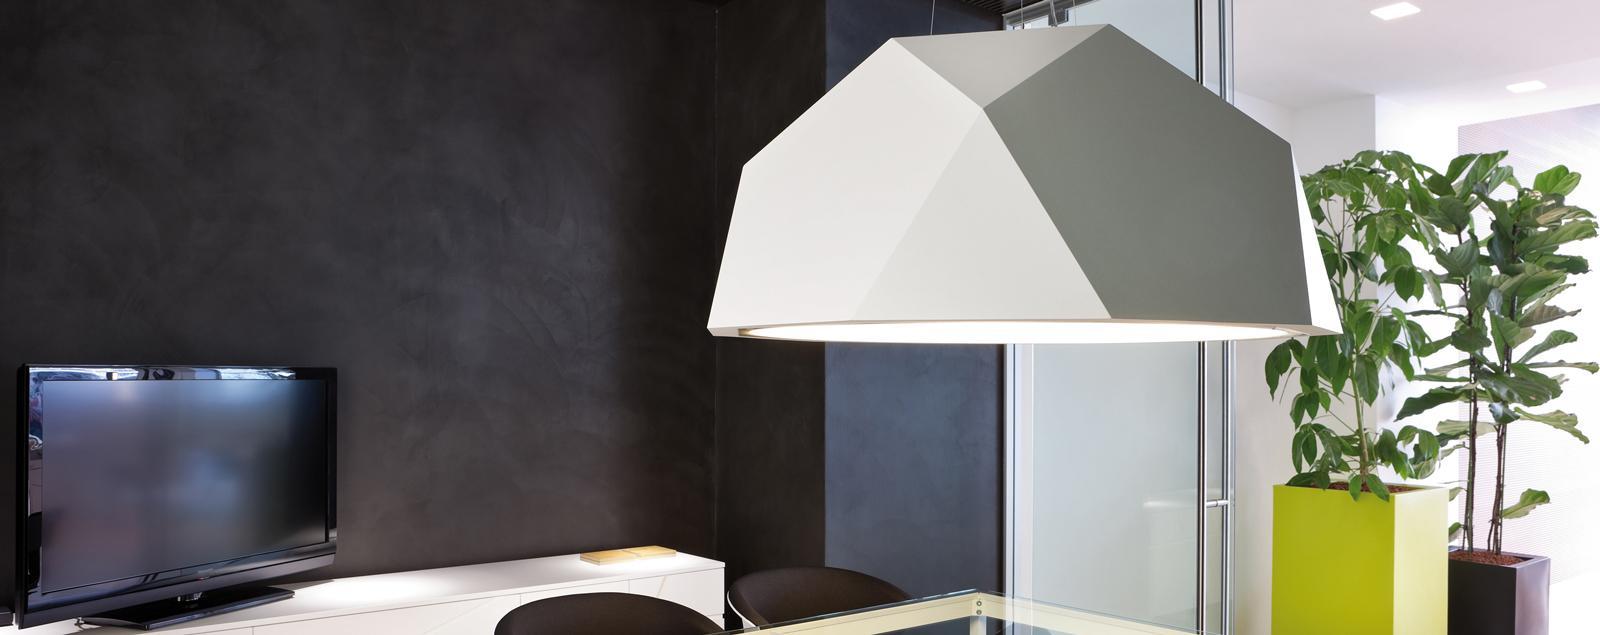 D81 Crio chandelier - Fabbian Illuminazione